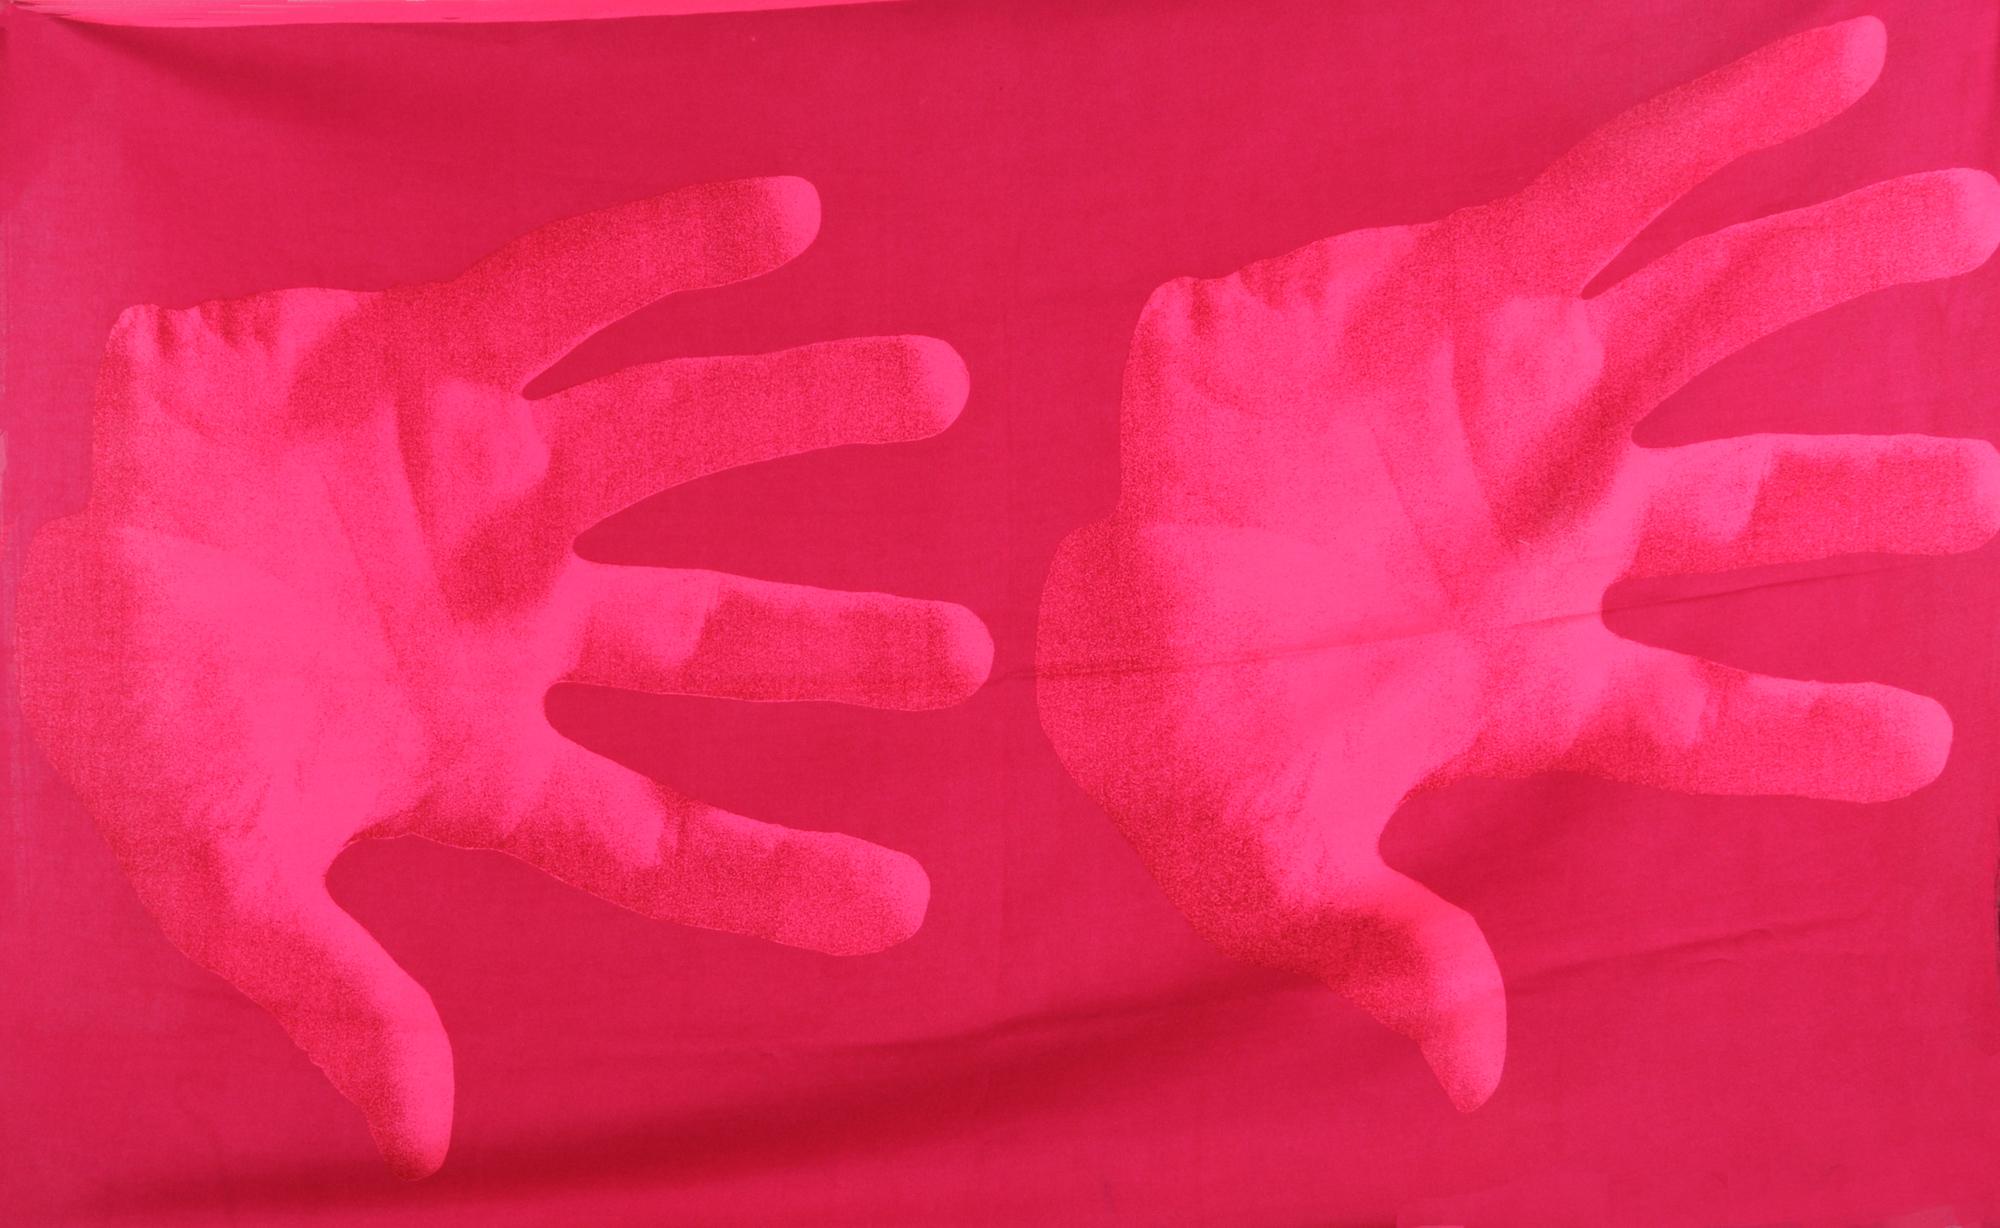 Verner Panton, Hands